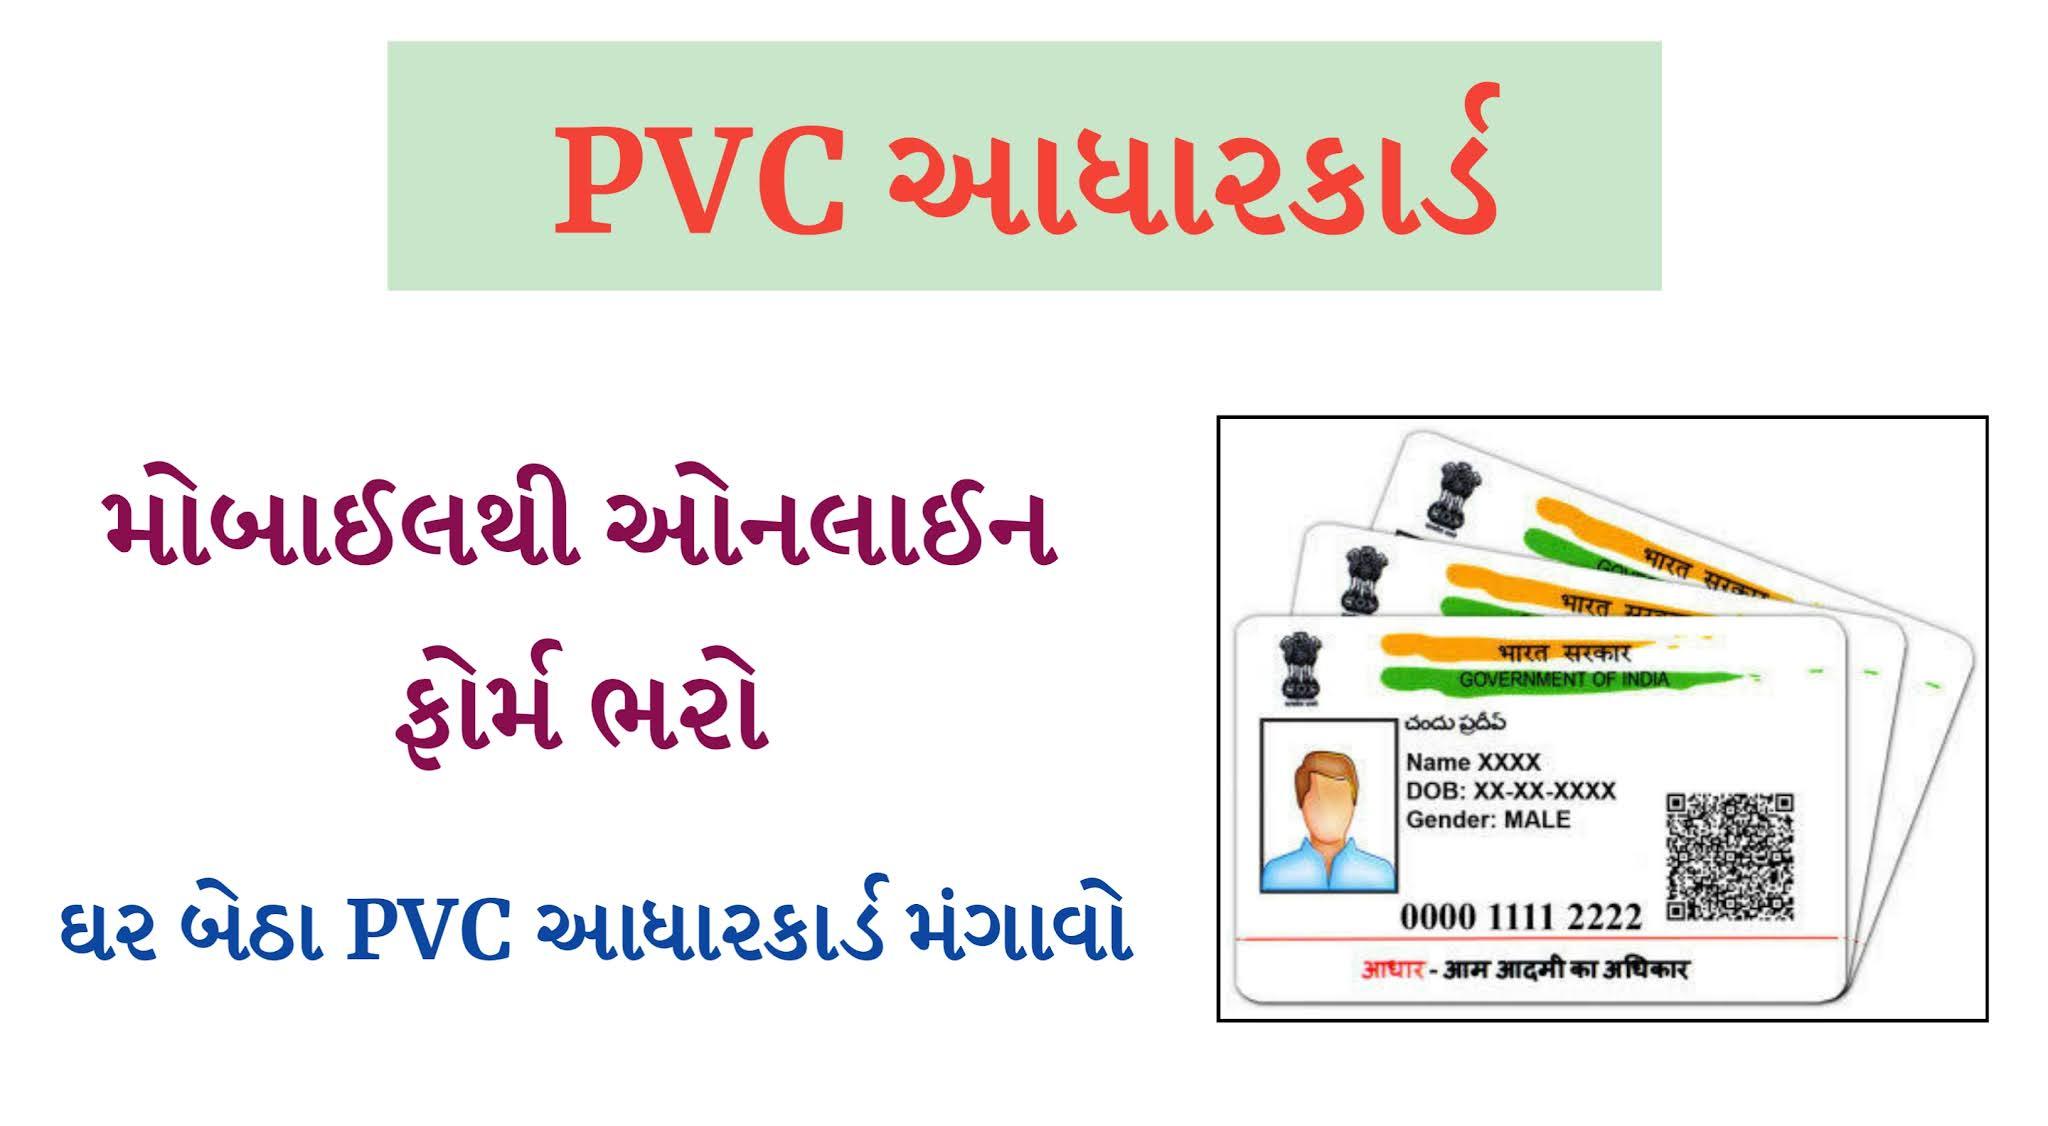 Order Aadhaar PVC Card, Check UIDAI PVC Card Status,  PVC Aadhaar card Status Checking,  how to Get New PVC Aadhaar Card